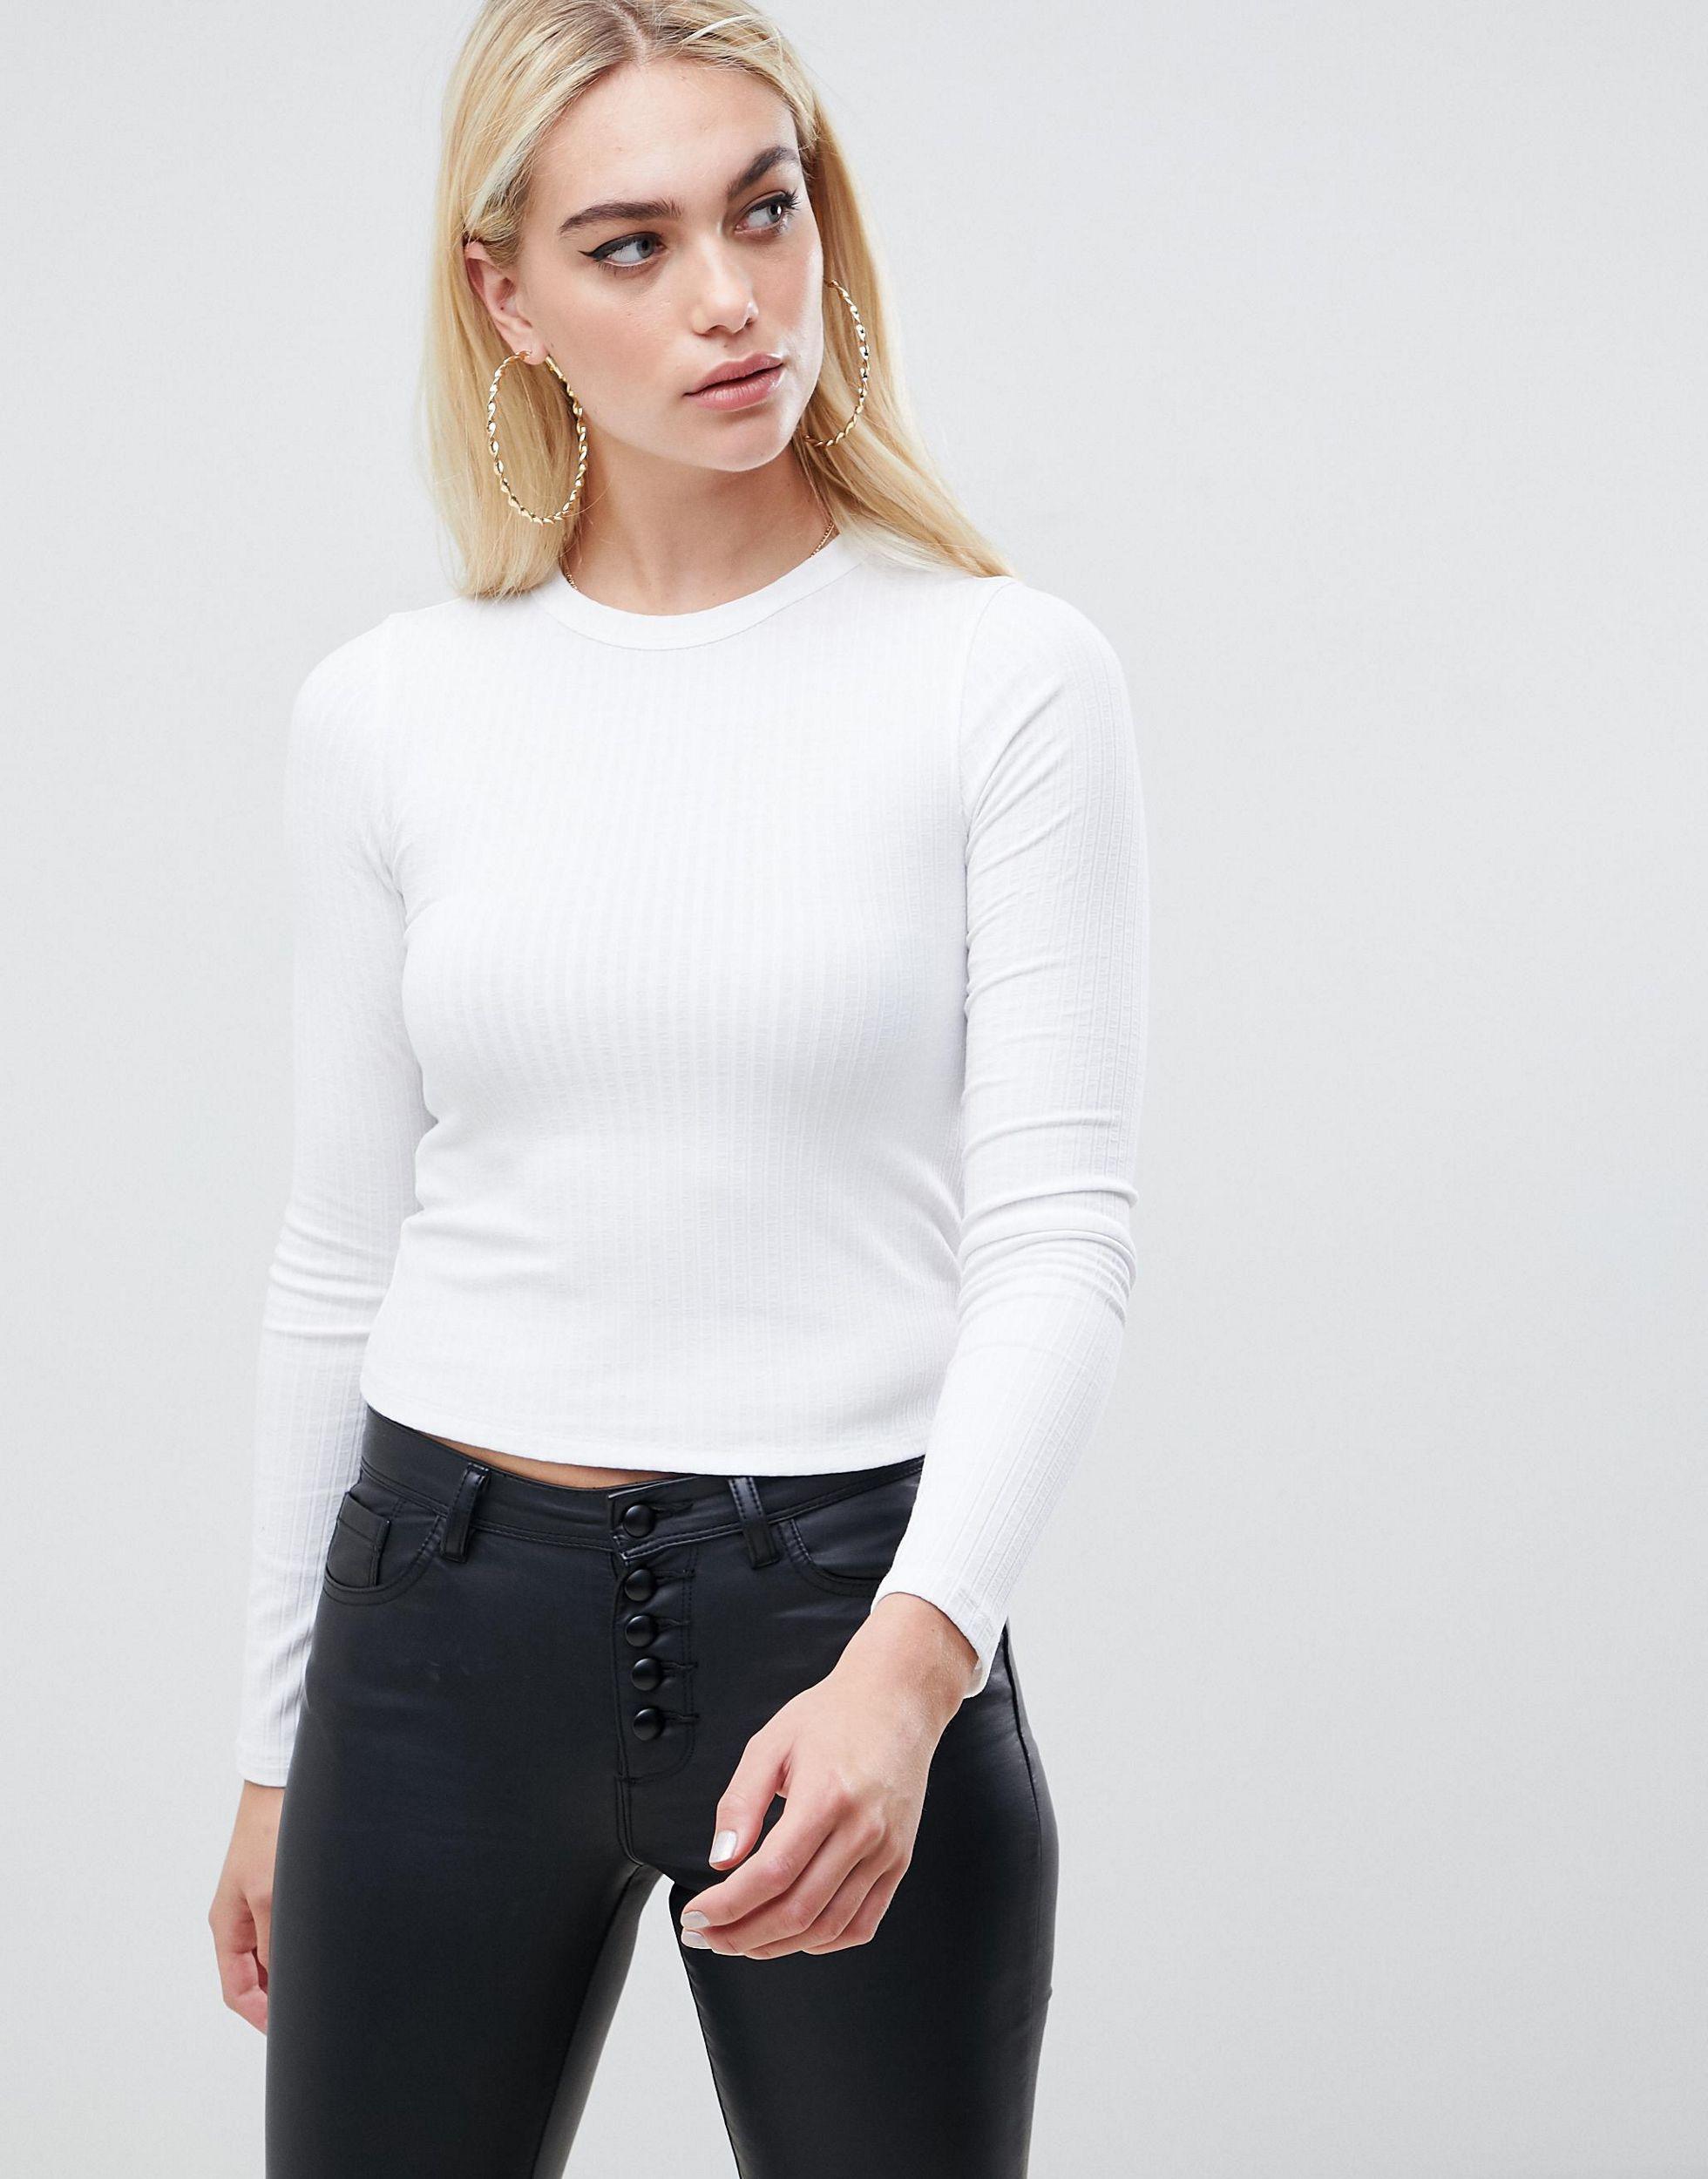 Camiseta ASOS de Denim de color Blanco